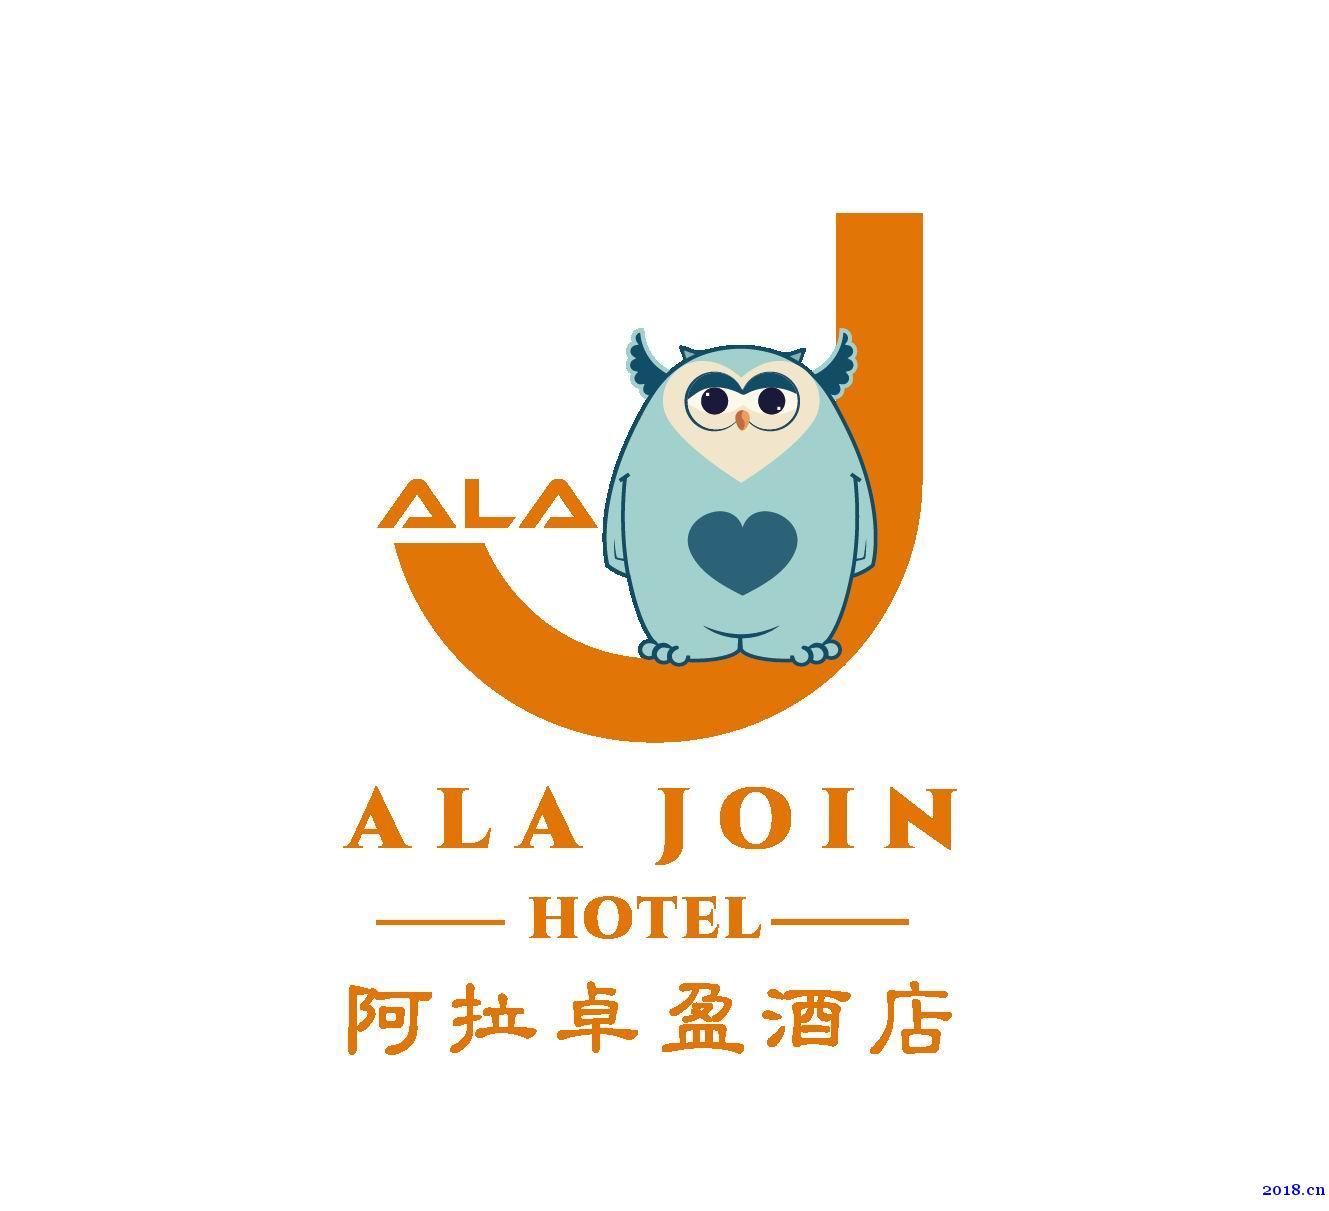 深圳阿拉卓盈酒店集团加盟、收购、承包(全常德地区)